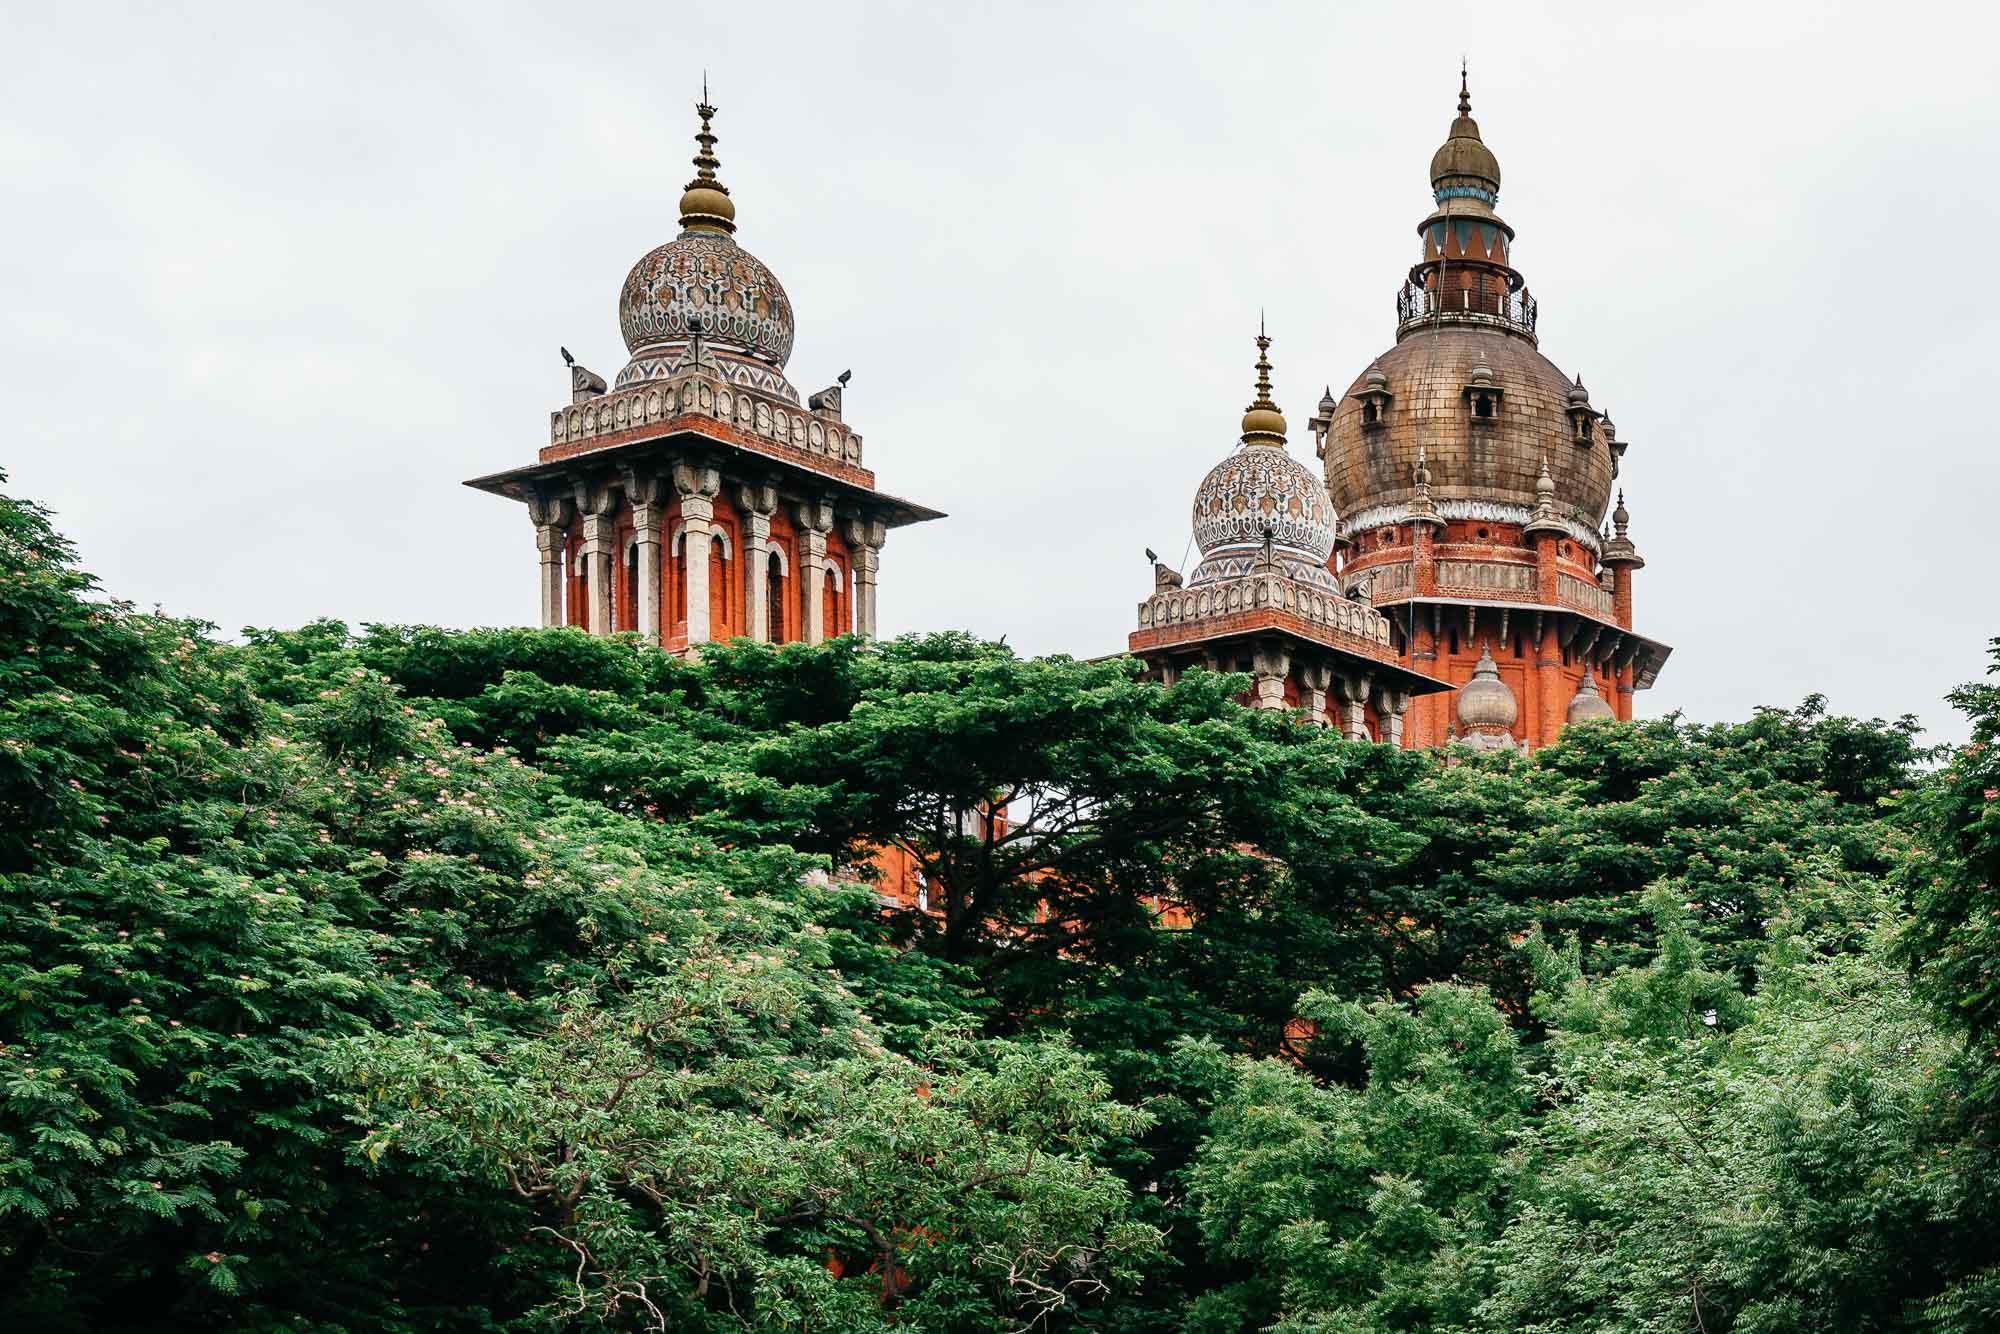 160626-chennai-mahabalipuram-trip-105055.jpg